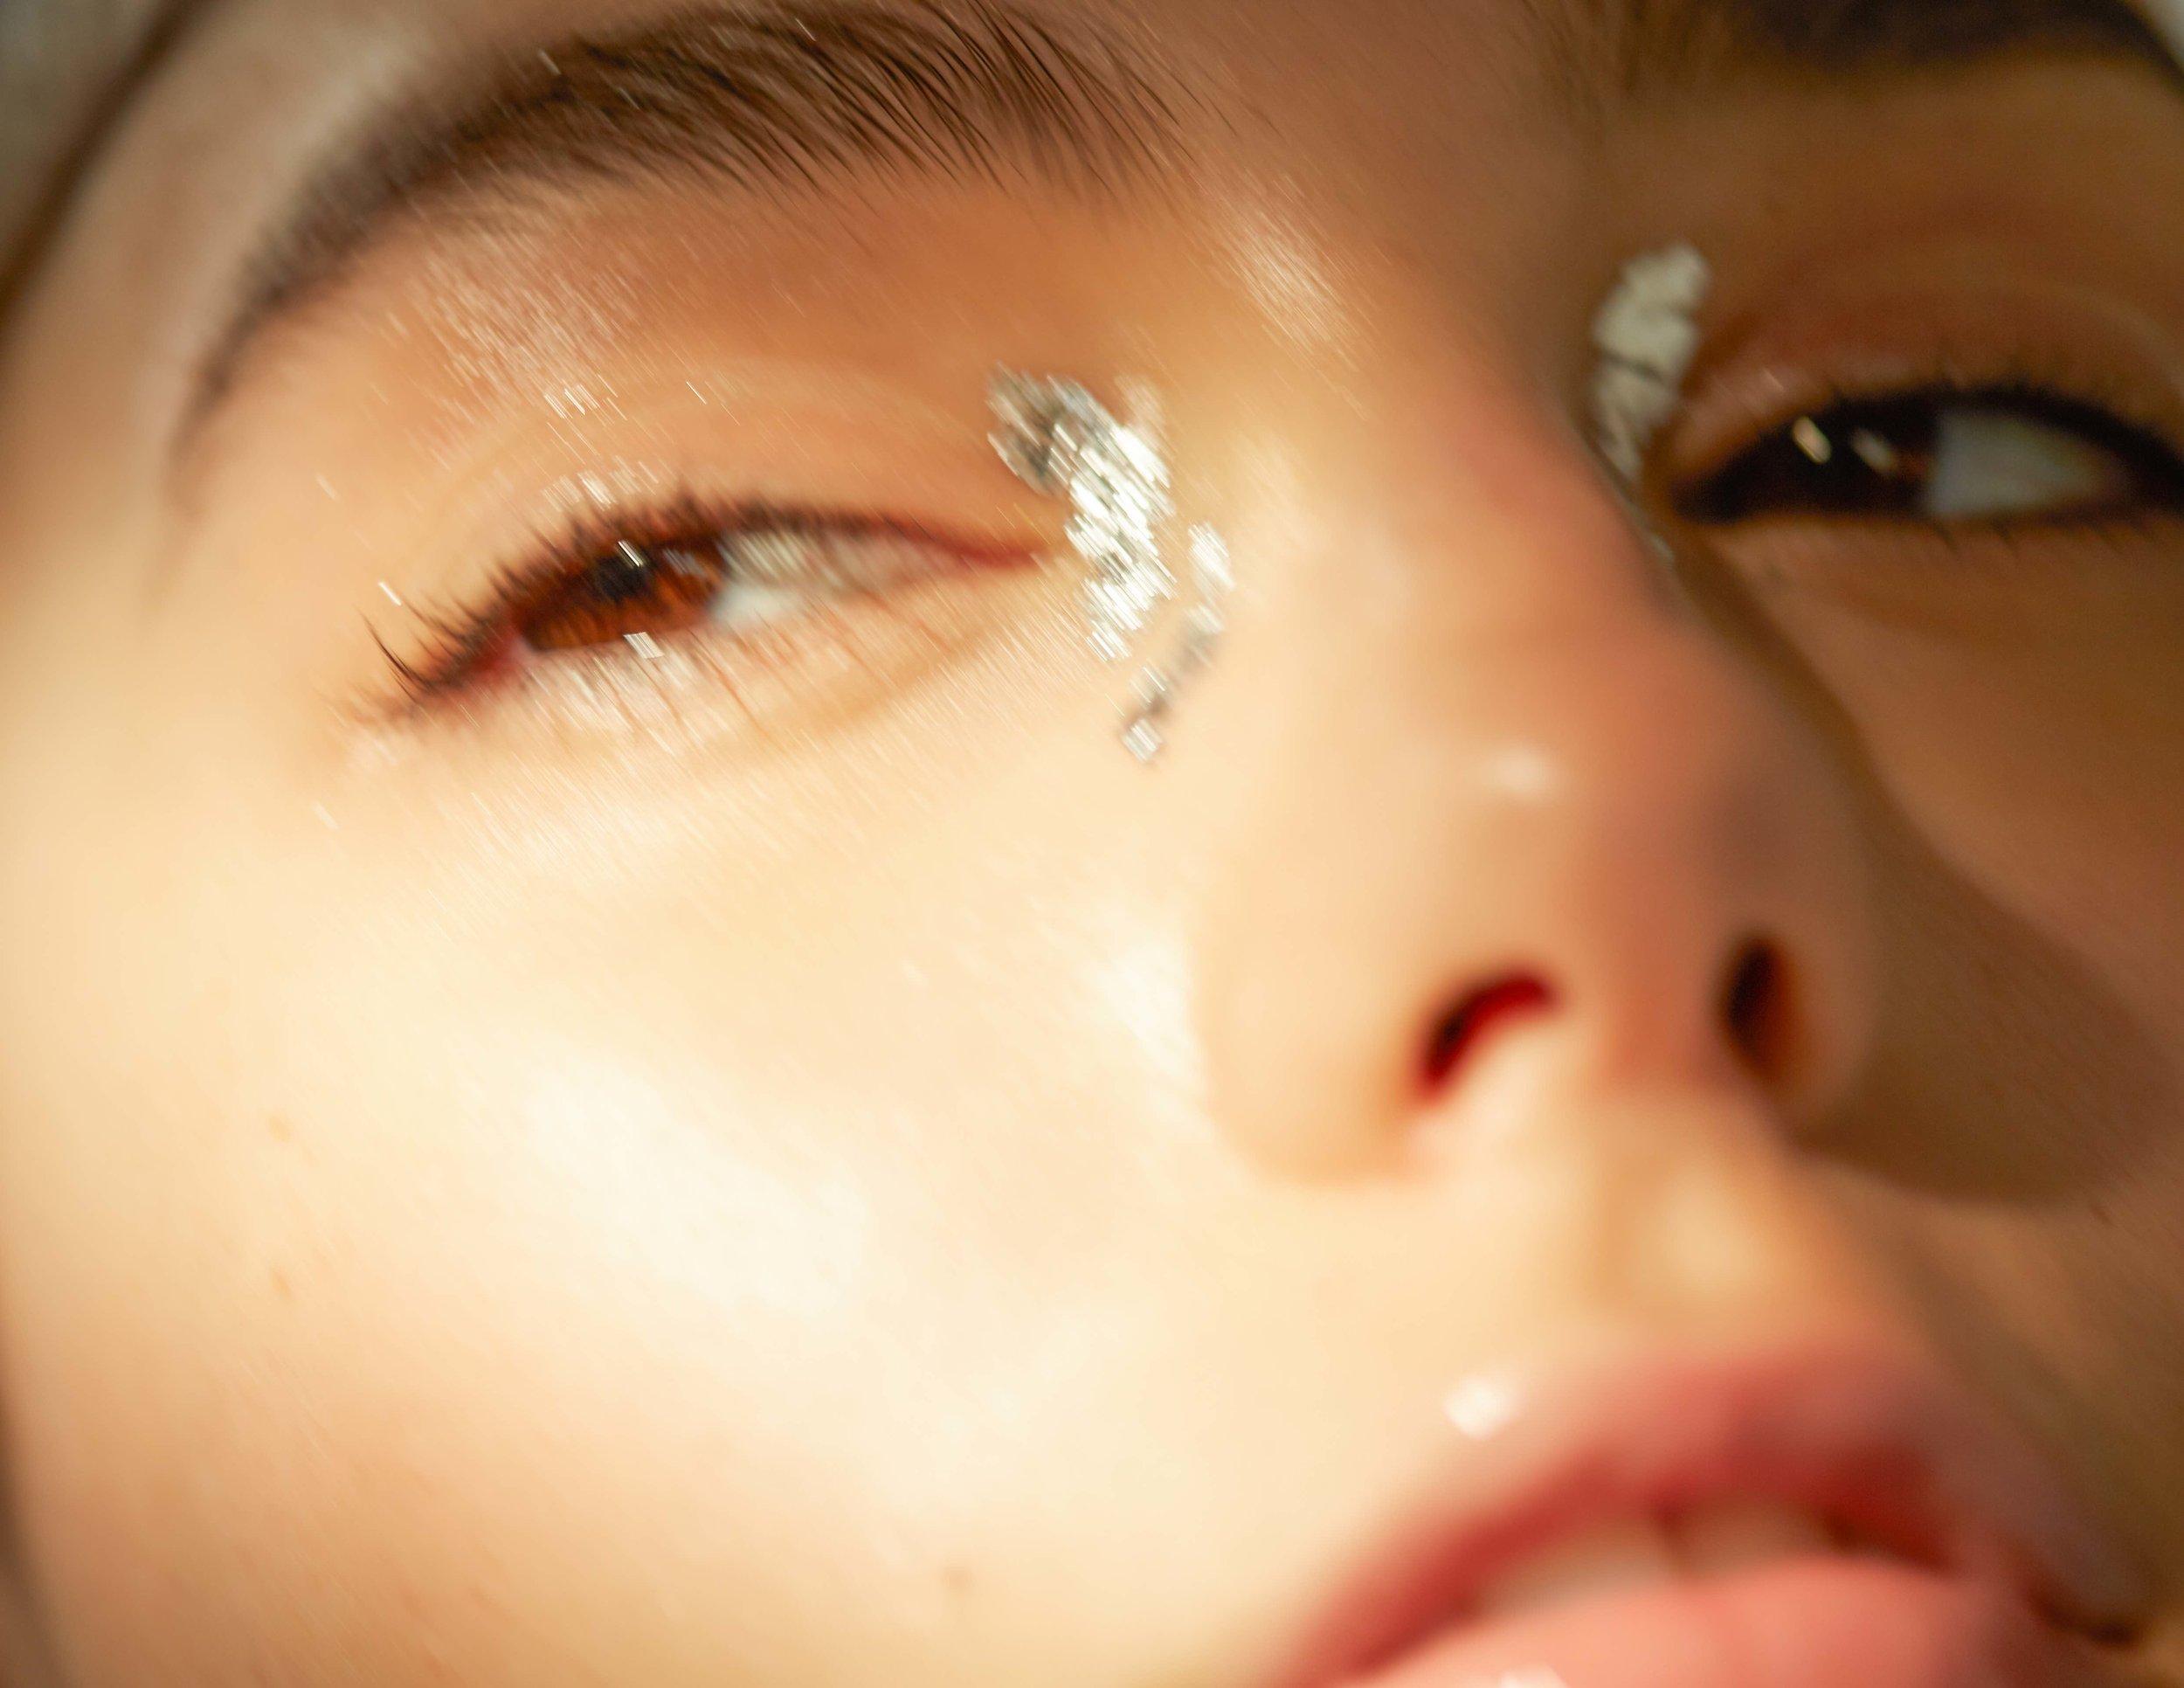 shine like a diamond_5.jpg